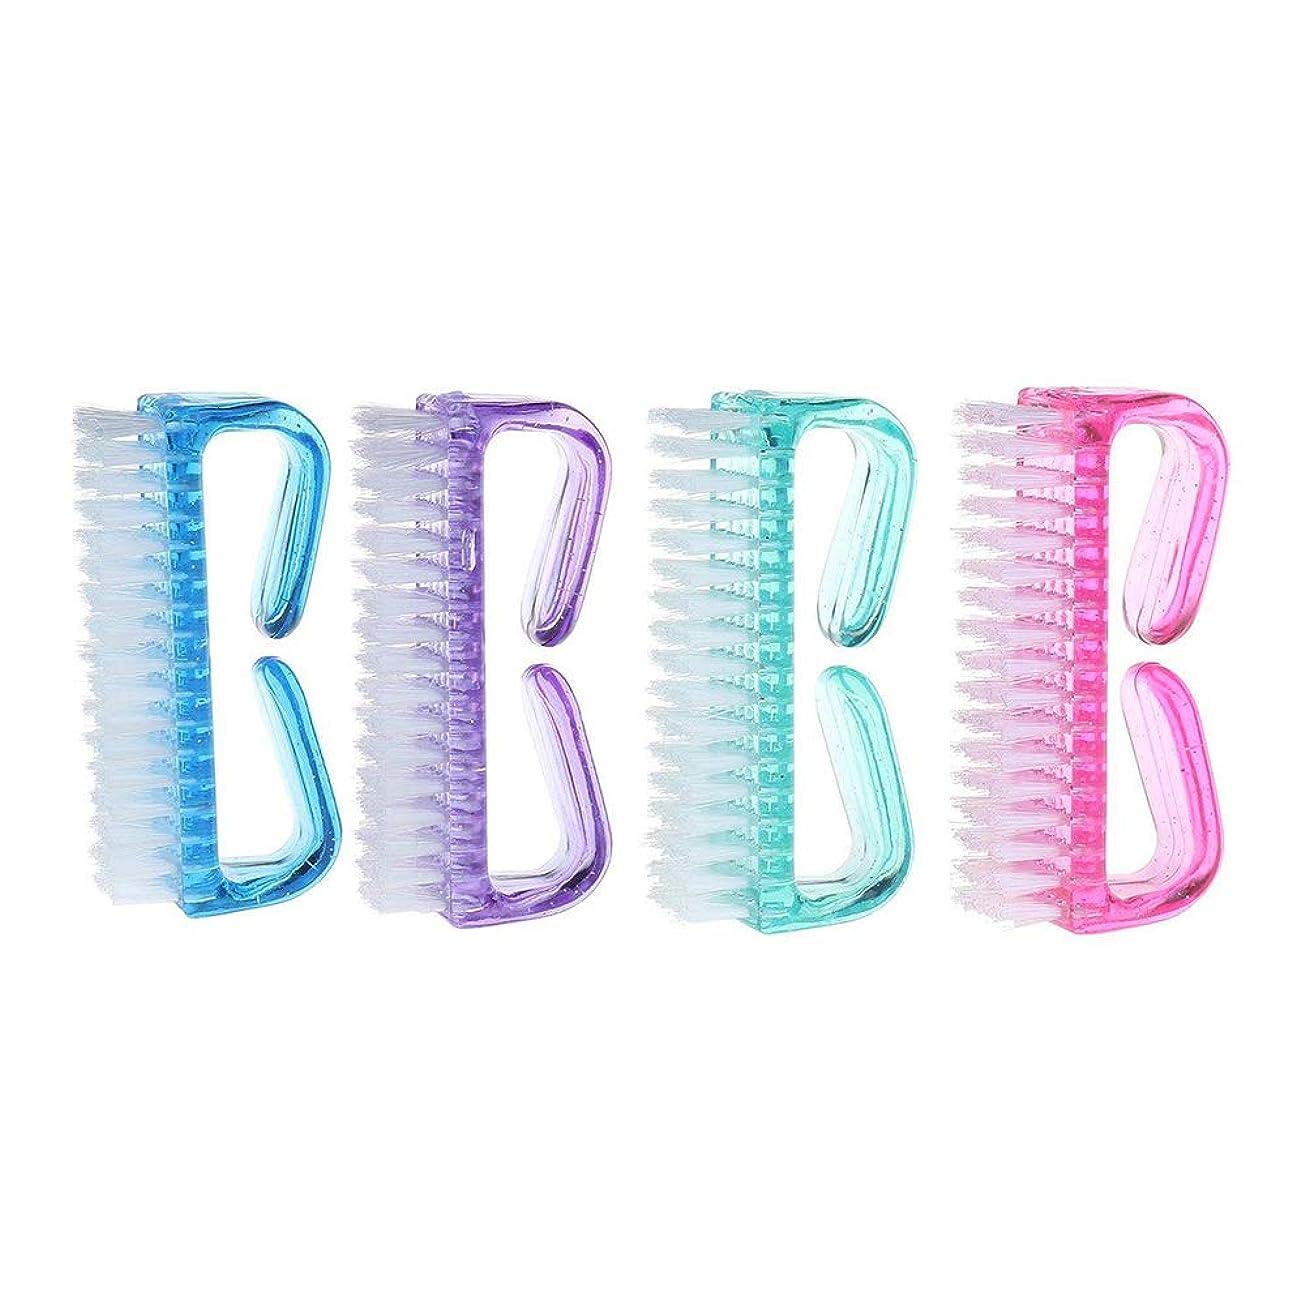 薄める顔料クリーク【Pinacis】 爪ブラシ ネイル用ブラシ 万能 除菌 爪の間の汚れを落とす ABSプラ製 全4色 4個セット ピンク グリーン